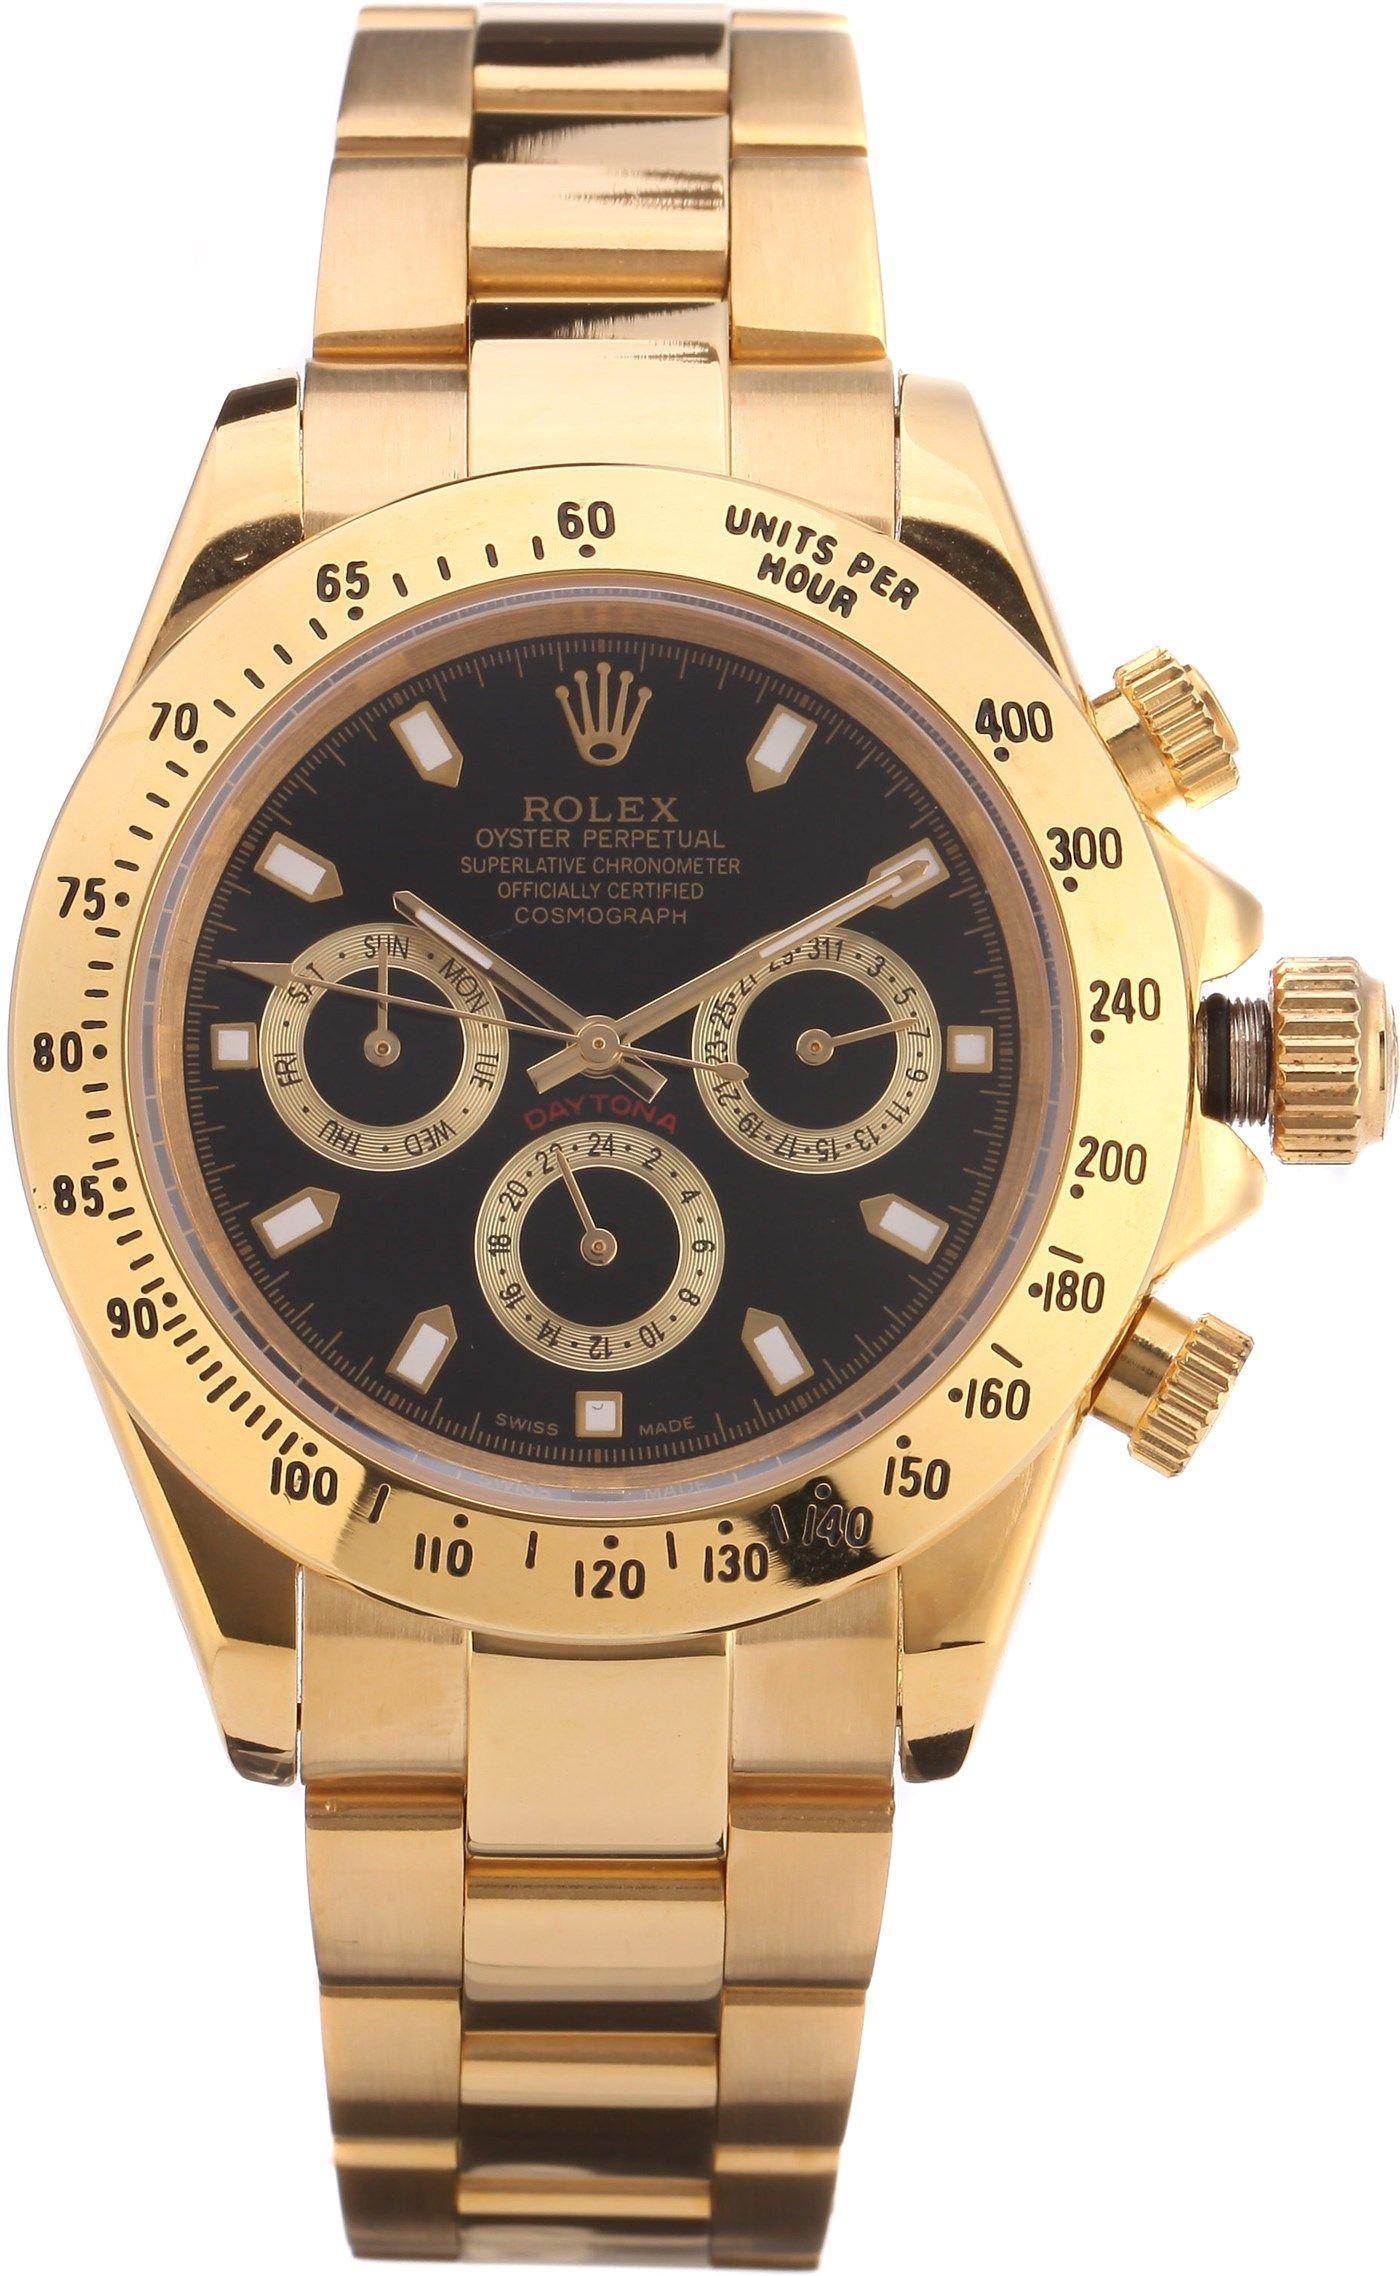 21600b04ecc1 Часы Rolex Daytona золотые, черный циферблат   Мужские наручные часы ...